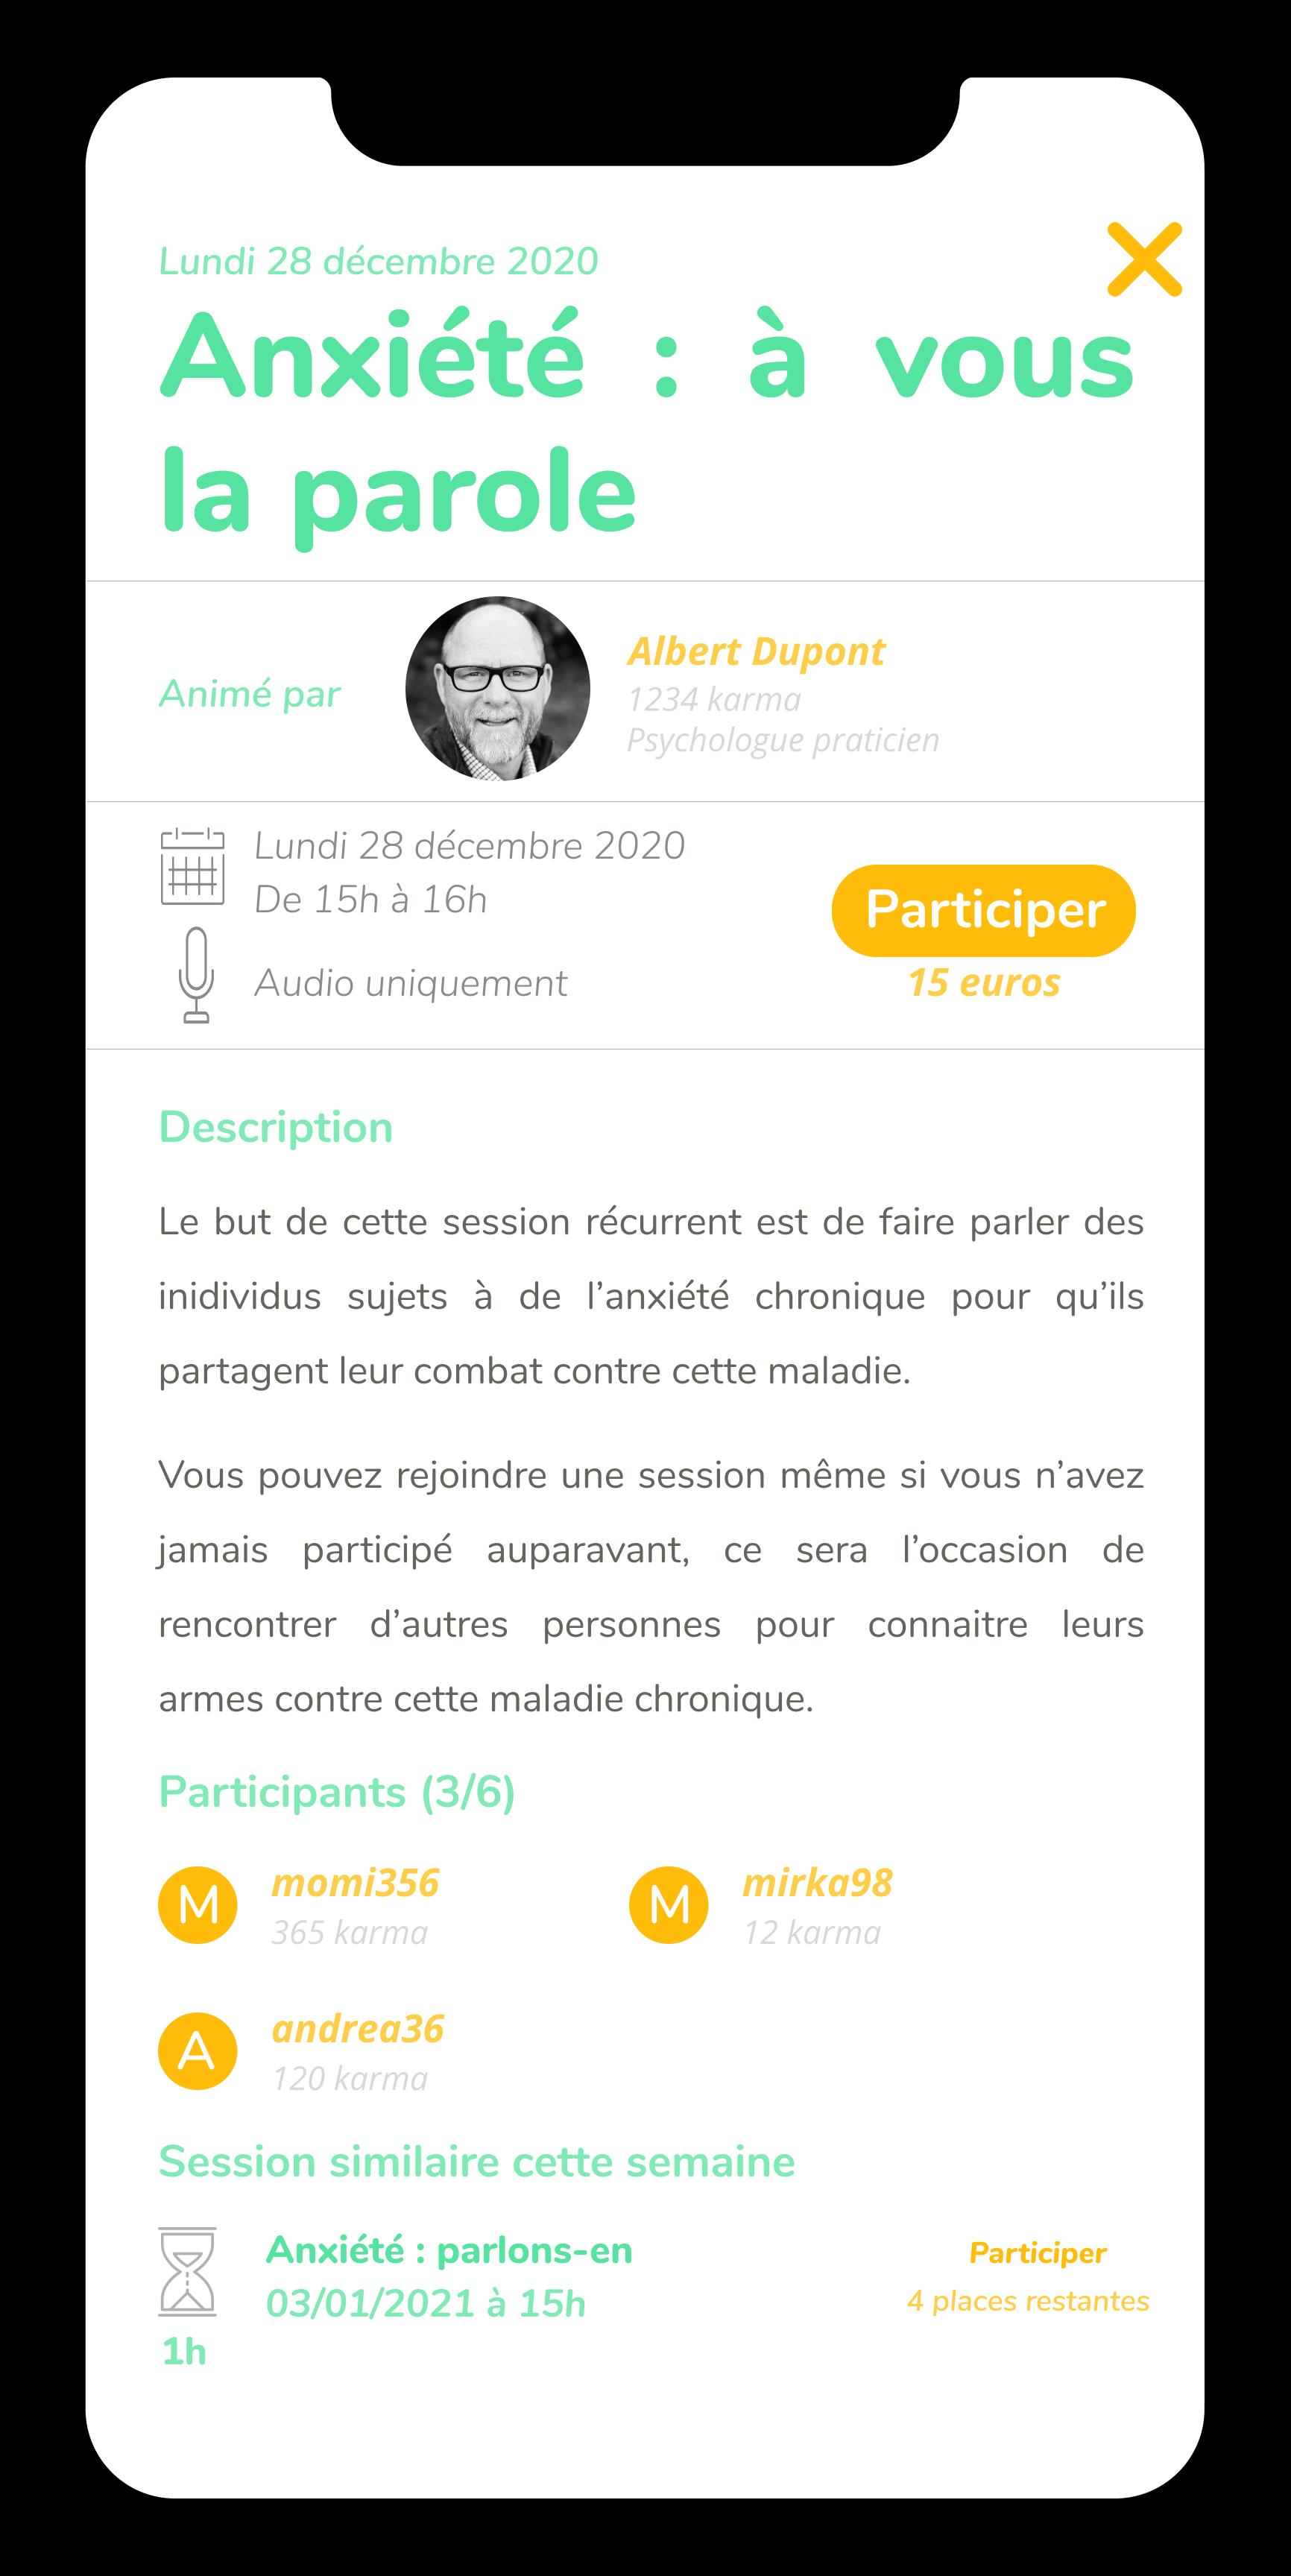 Ecran de la fonctionnalité groupe de parole de l'application Anonyme